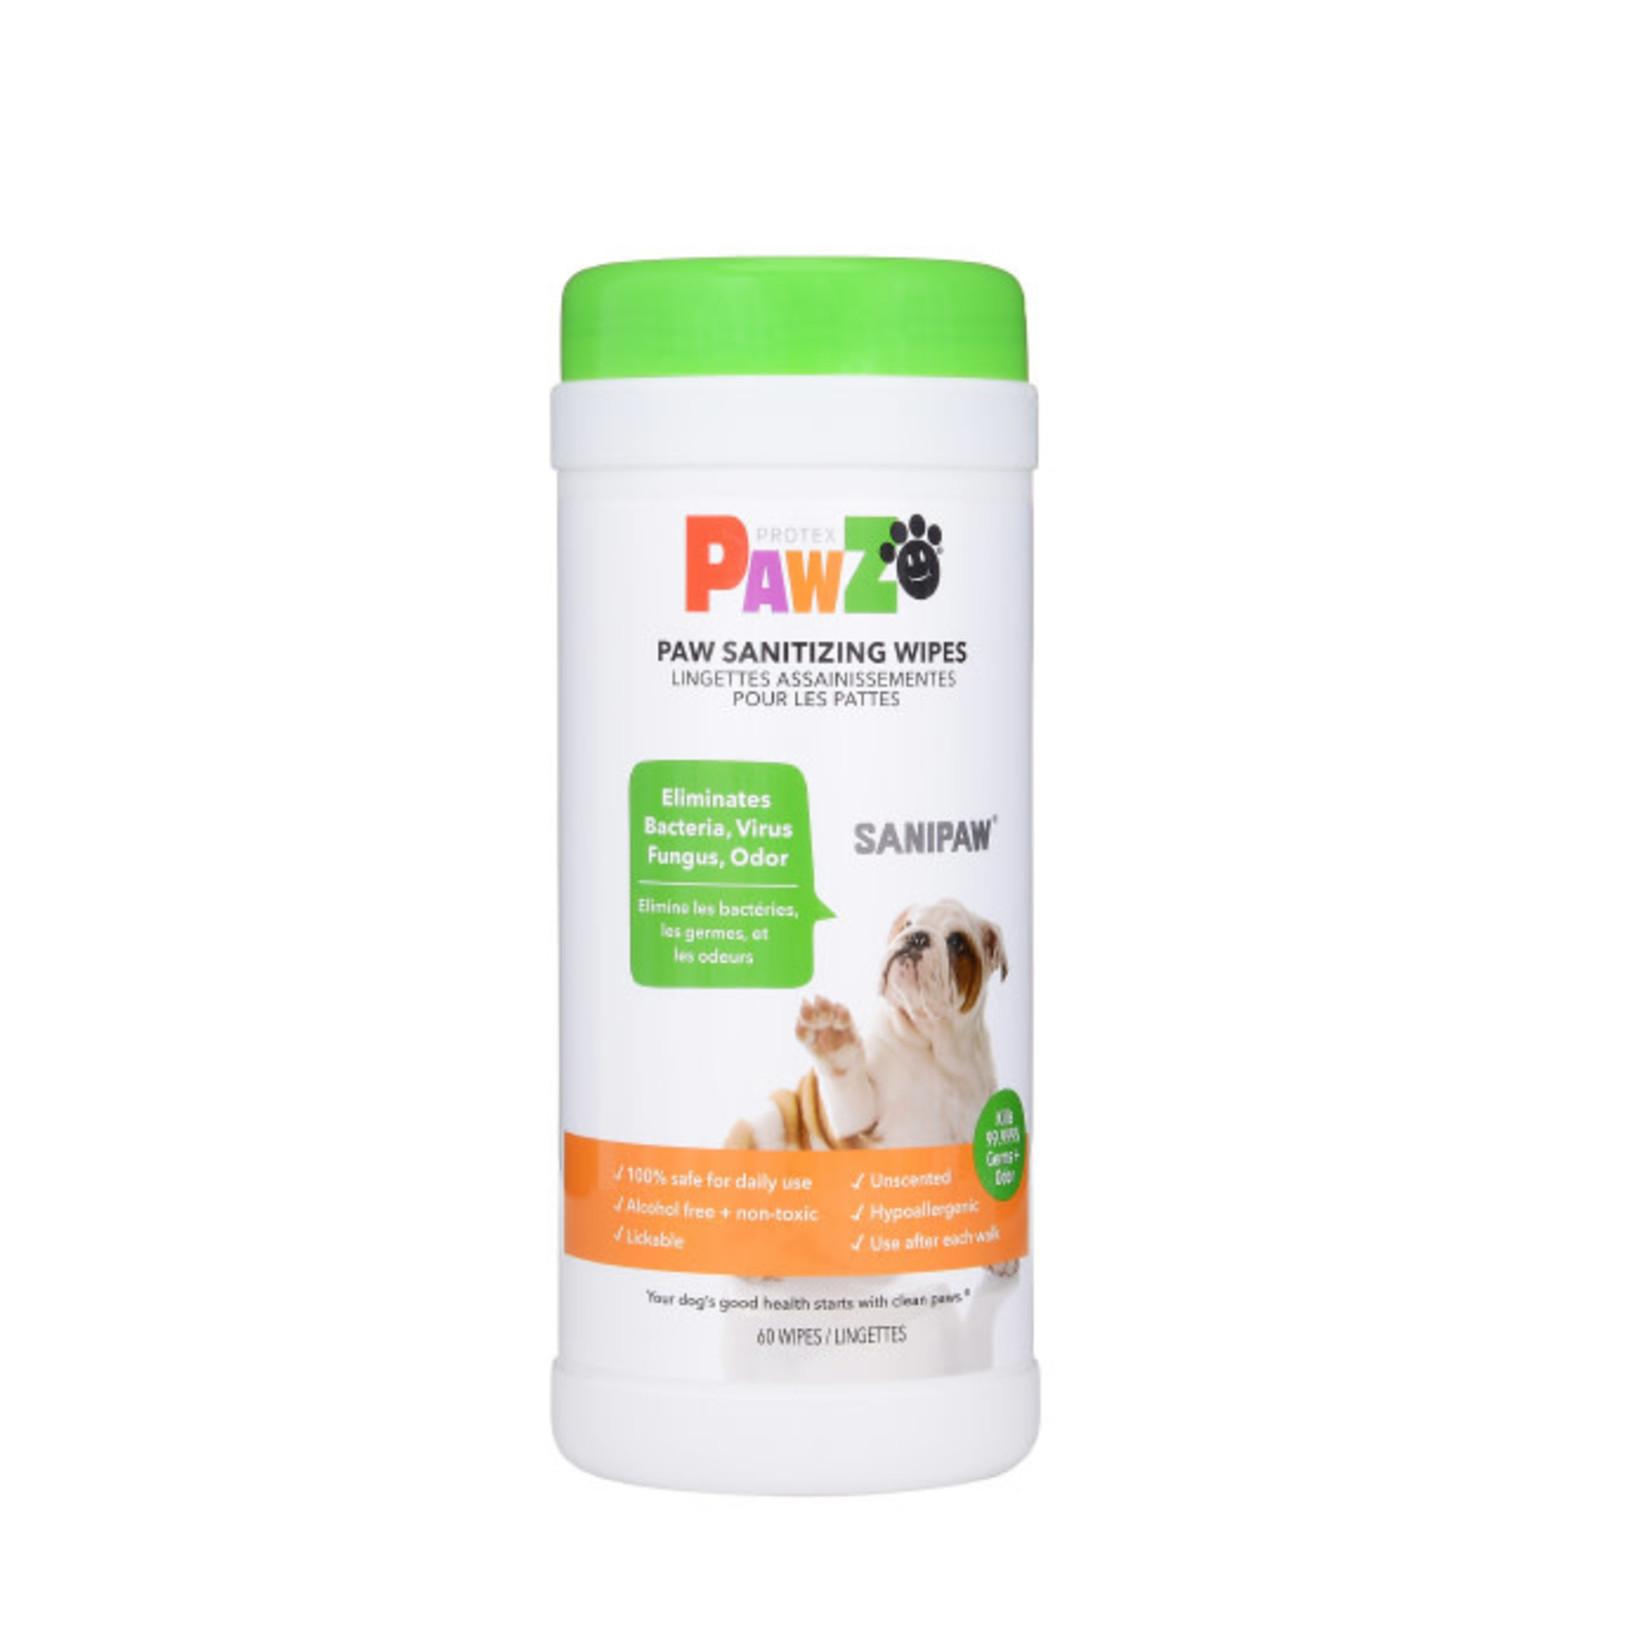 Pawz PAWZ Dog Sanipaw Wipes 60 Count